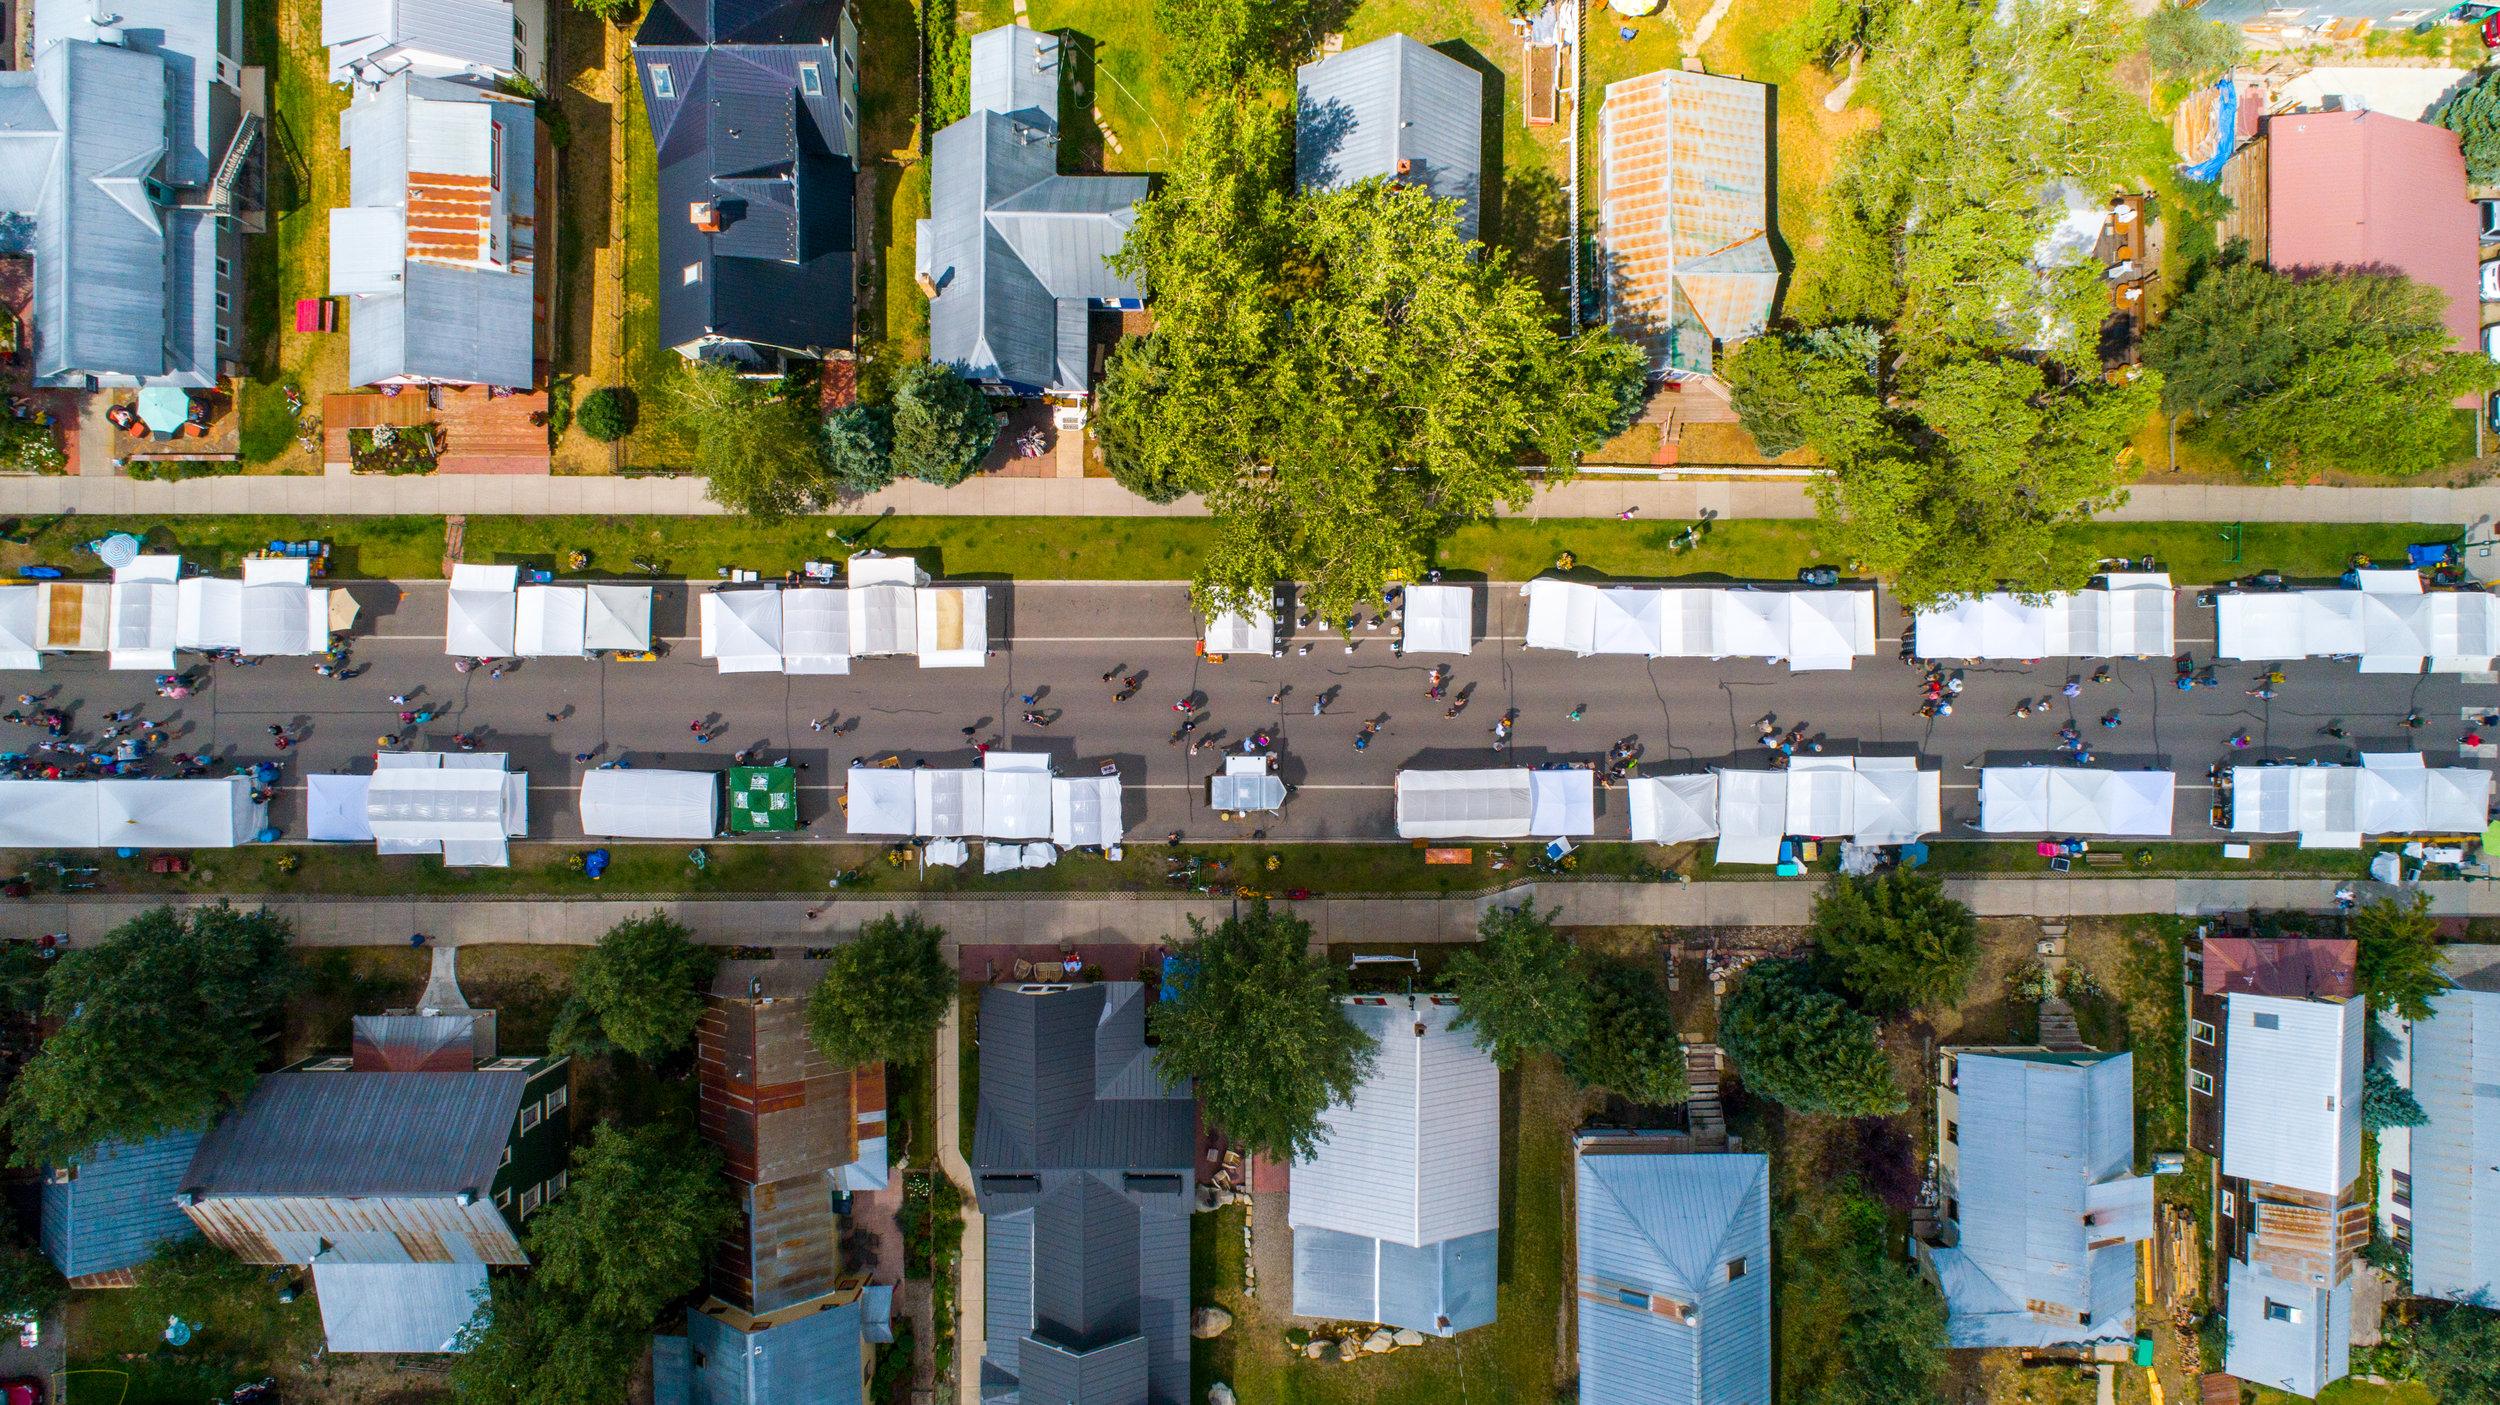 Aerials_Arts_Fair-8.jpg